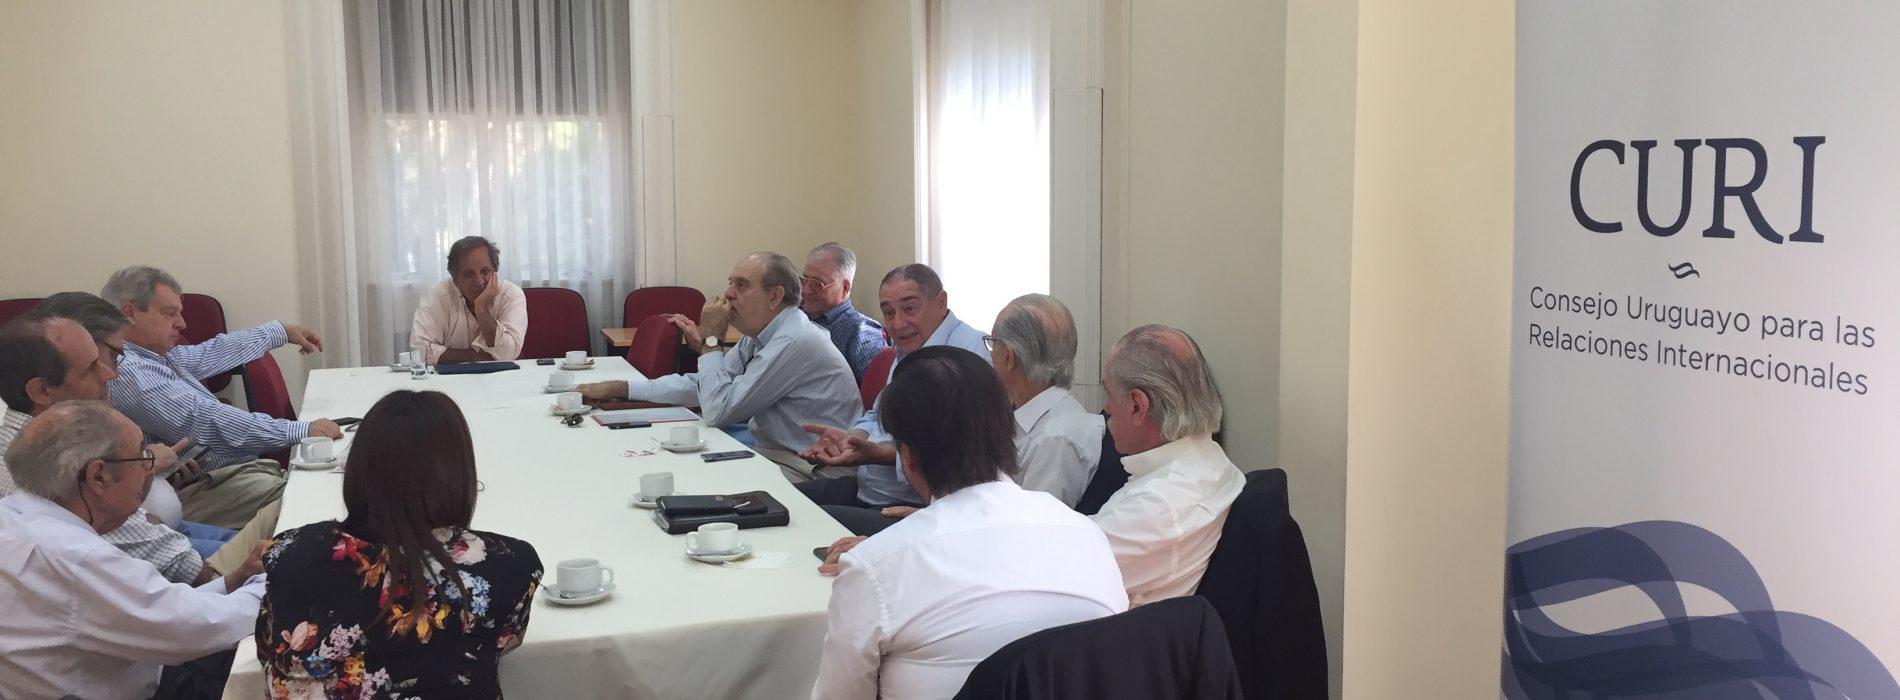 Reunión extraordinaria para abordar la situación de la República Bolivariana de Venezuela